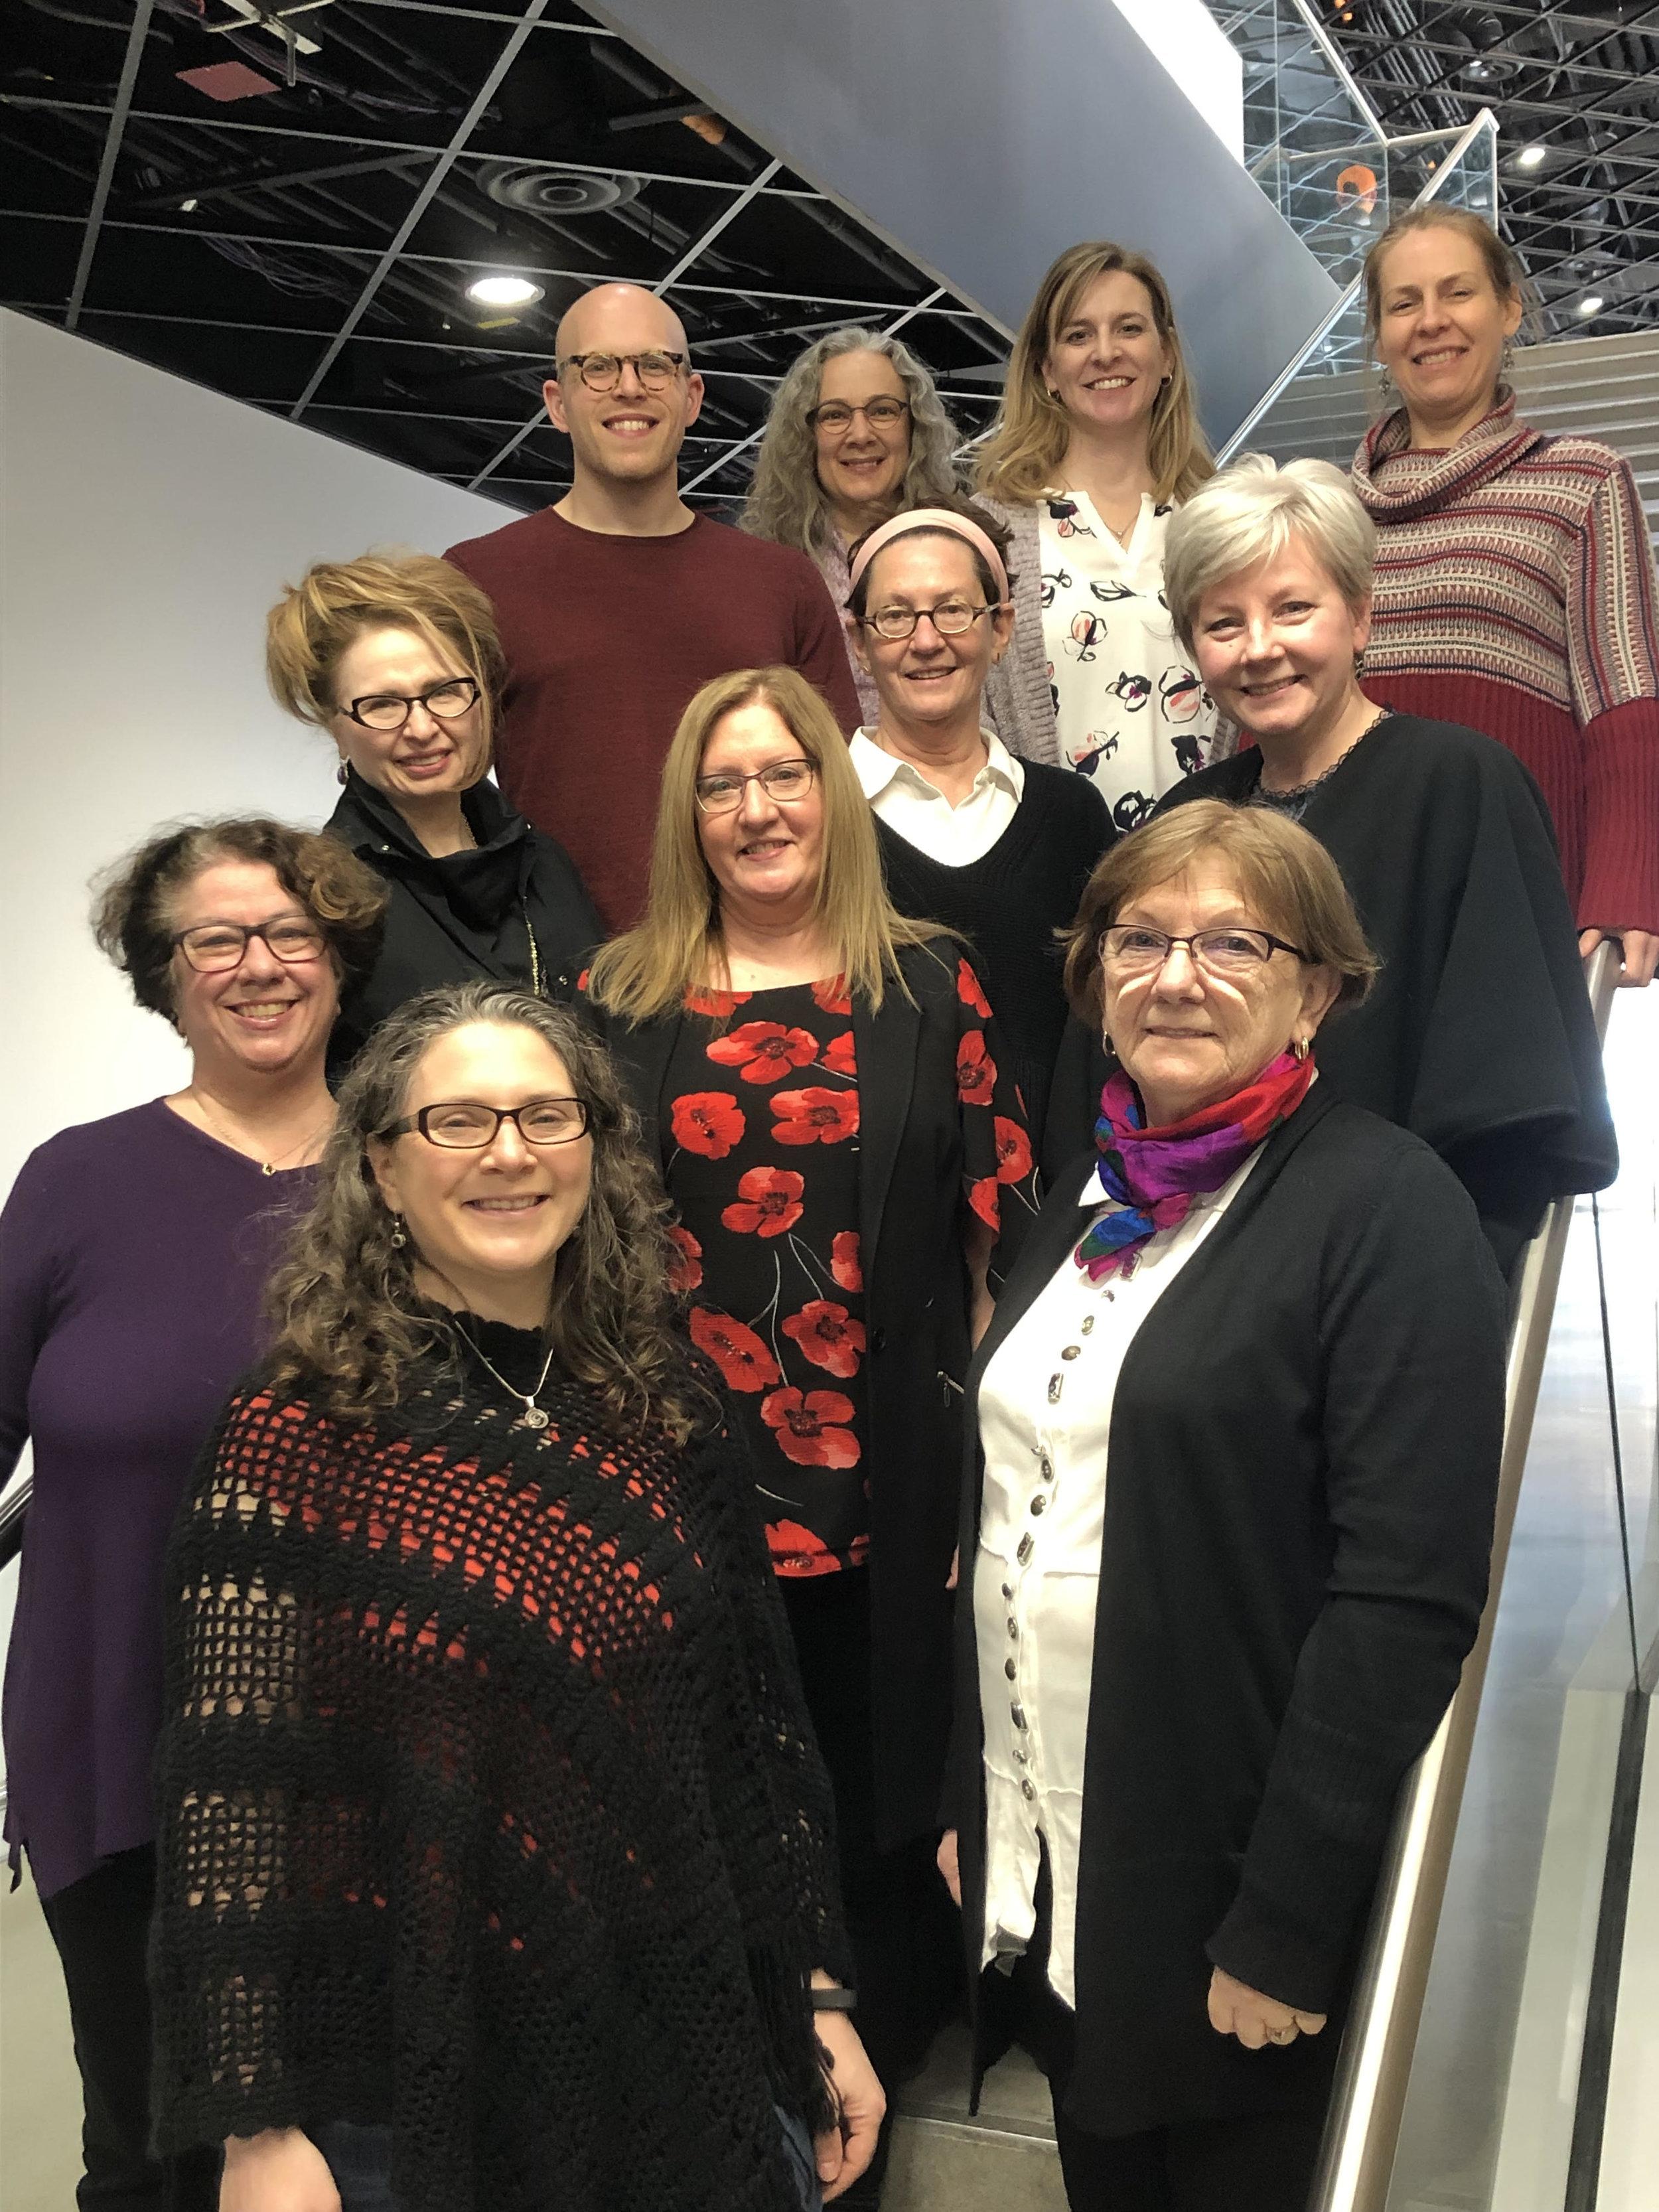 2019 Board Meeting in Winnipeg